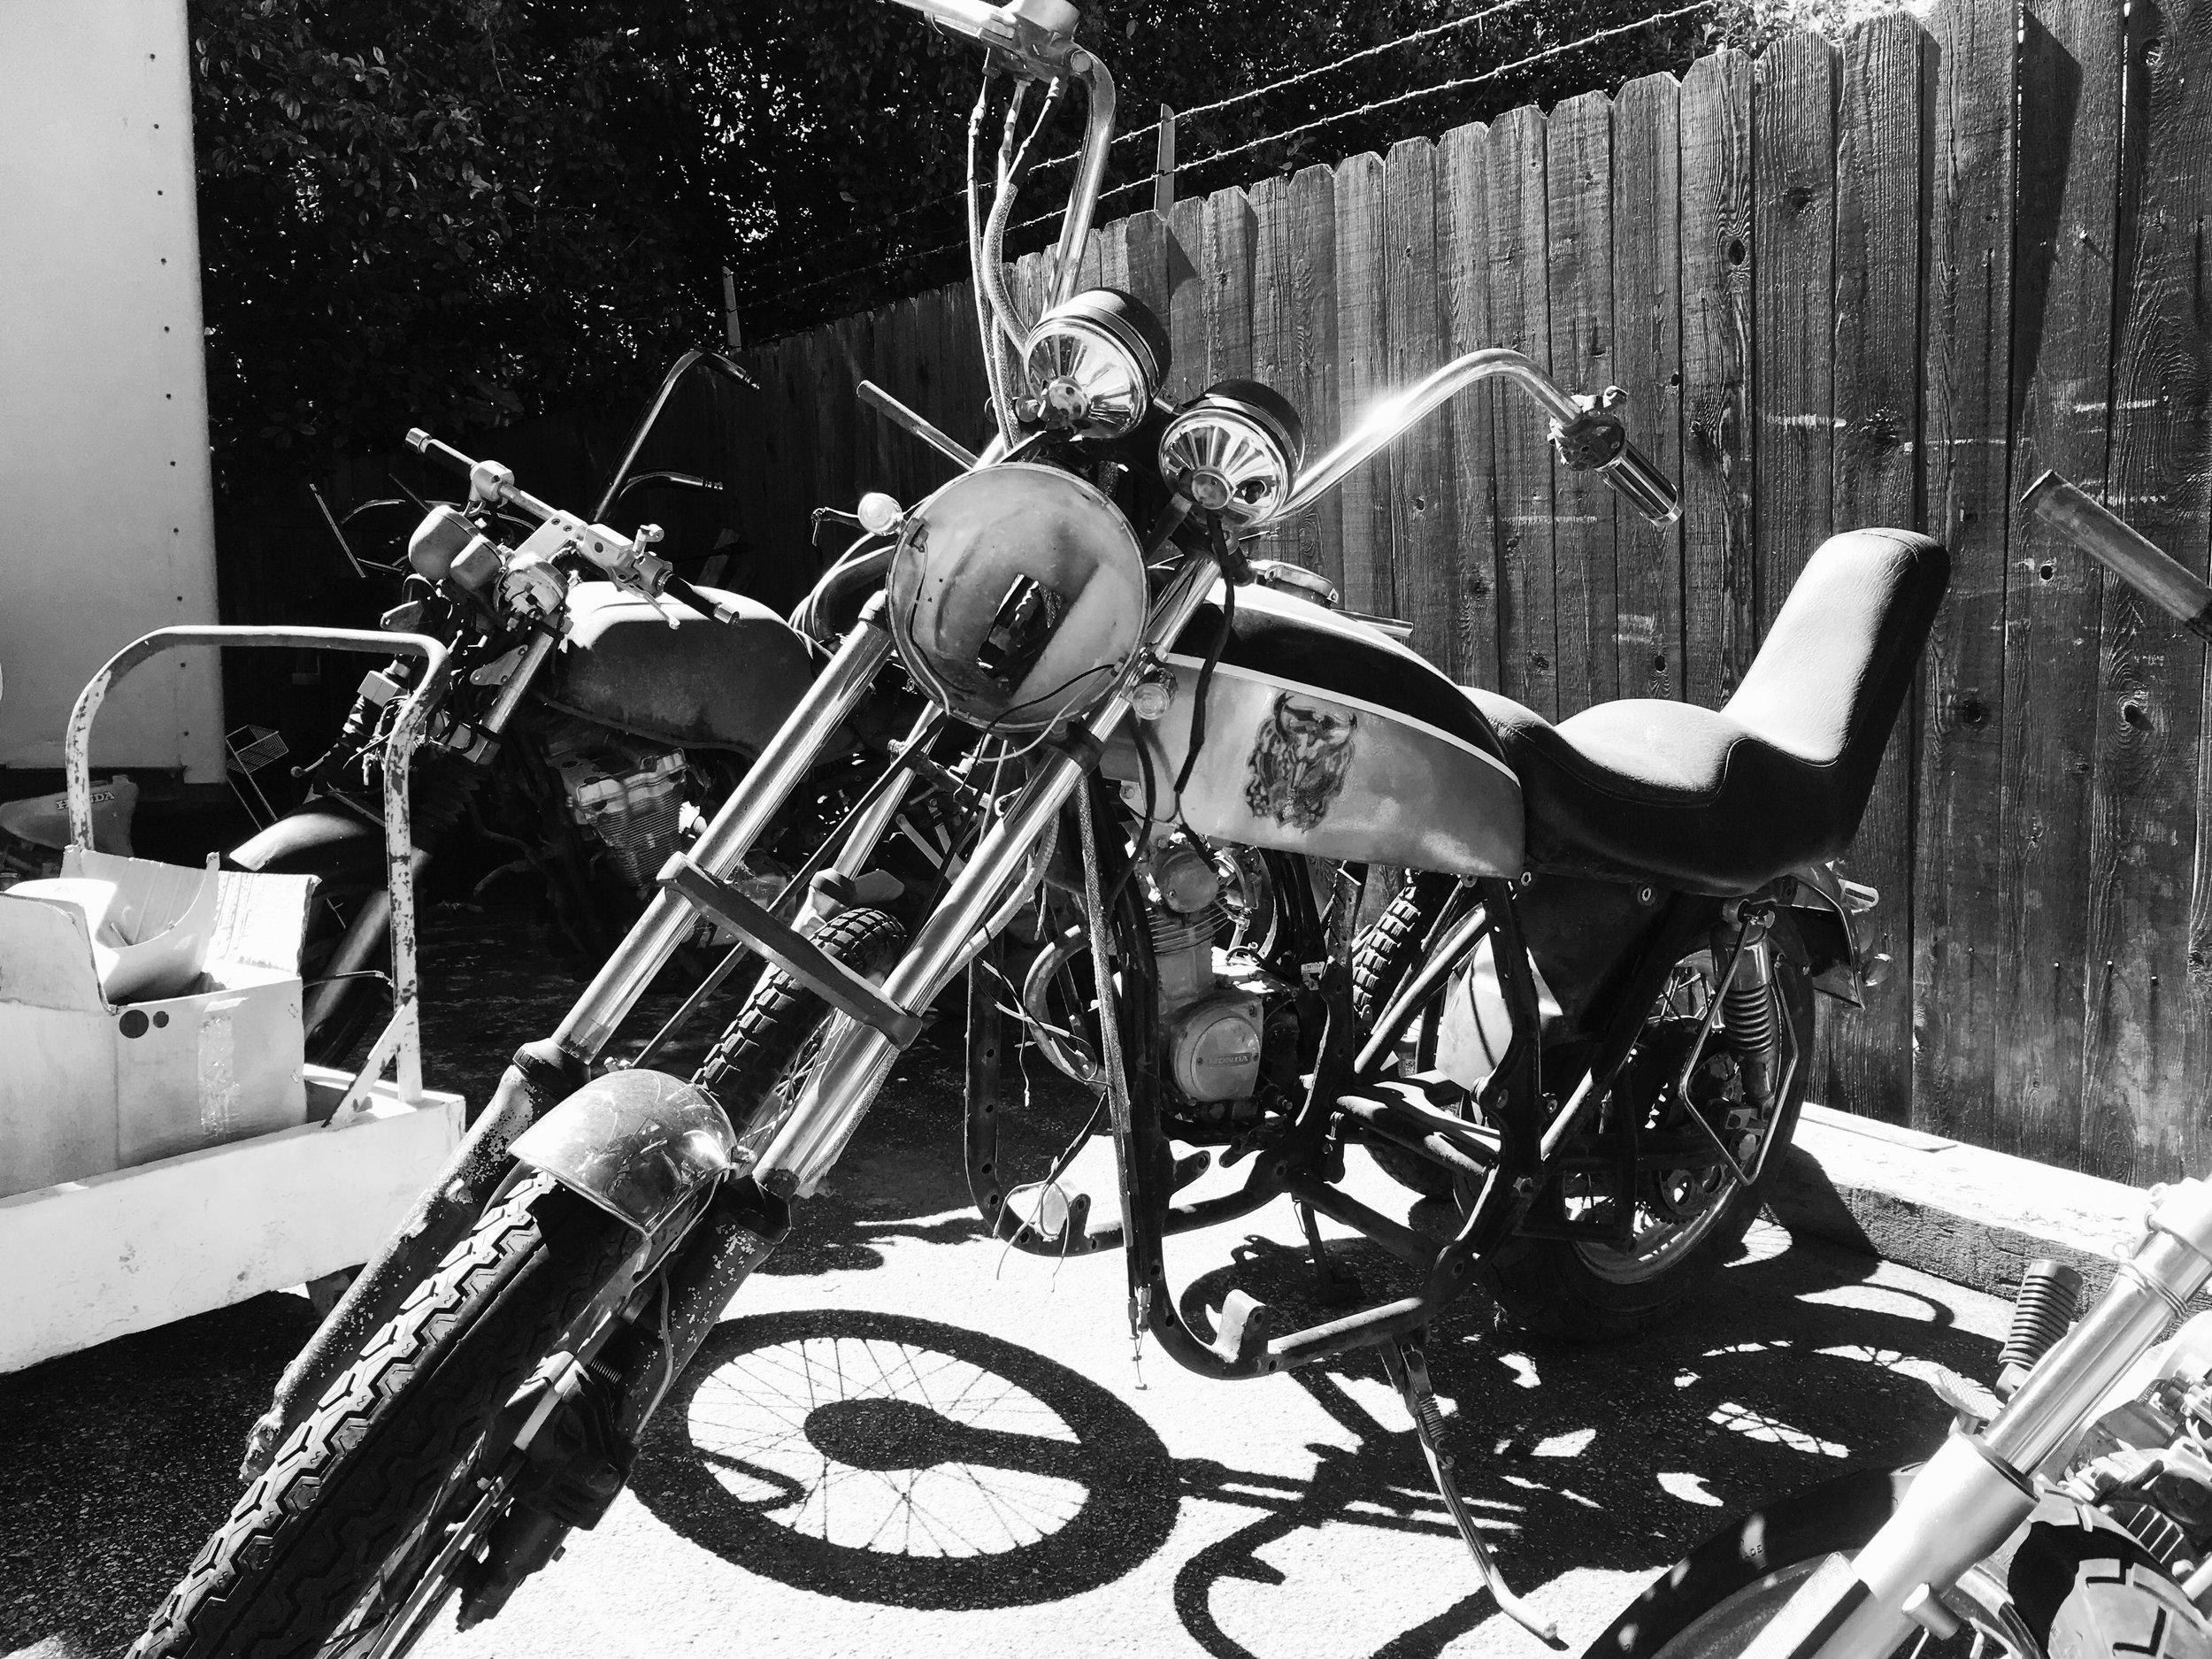 flash_motorbikes_swap_meet-2143.jpg